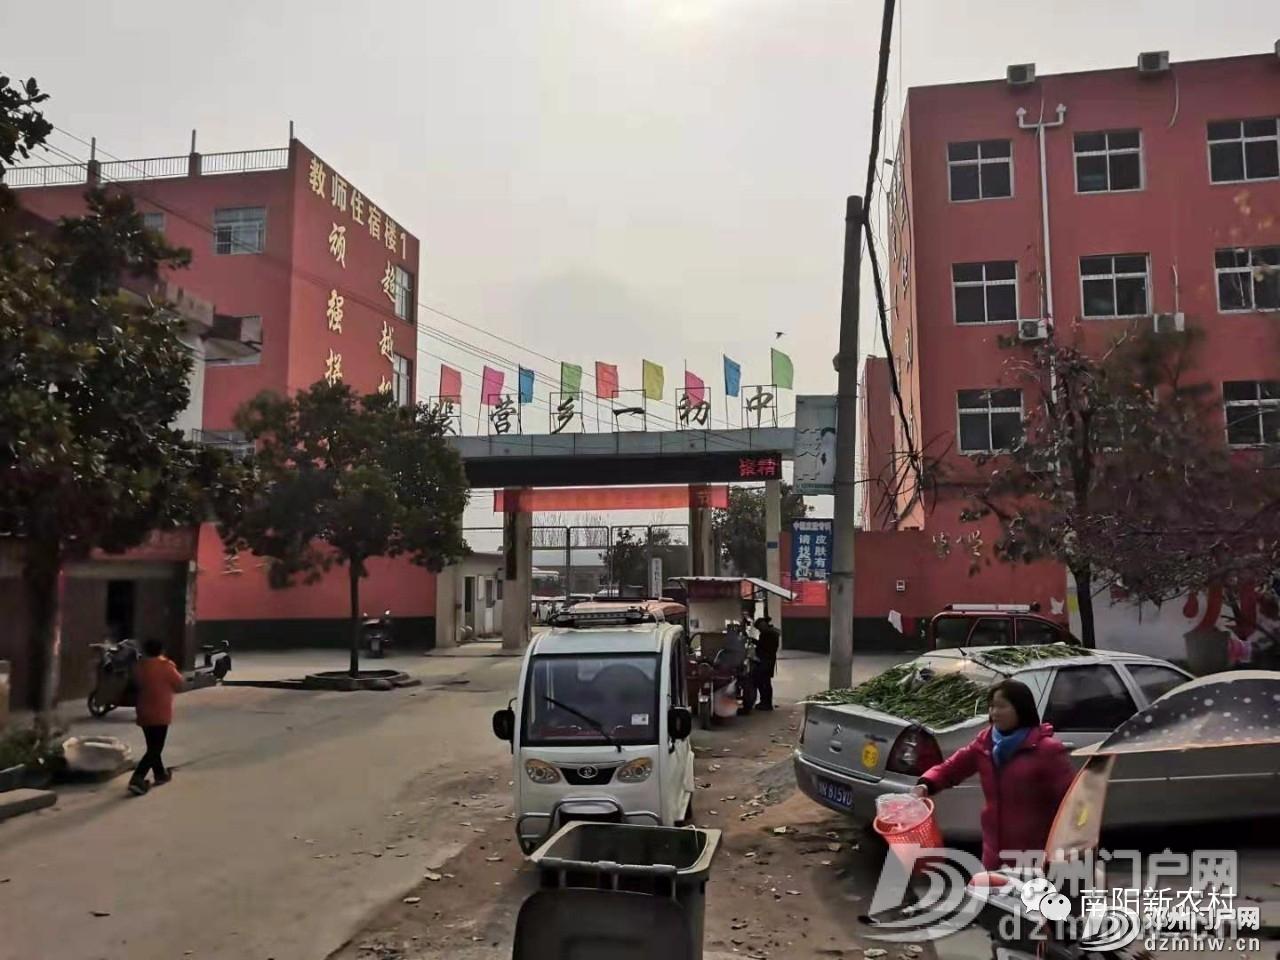 邓州:一花季少女在校服毒身亡疑似曾遭受不公对待 中心校长称,属于正常 - 邓州门户网|邓州网 - 83364886228aa5f7747793fc3d5687b7.jpg